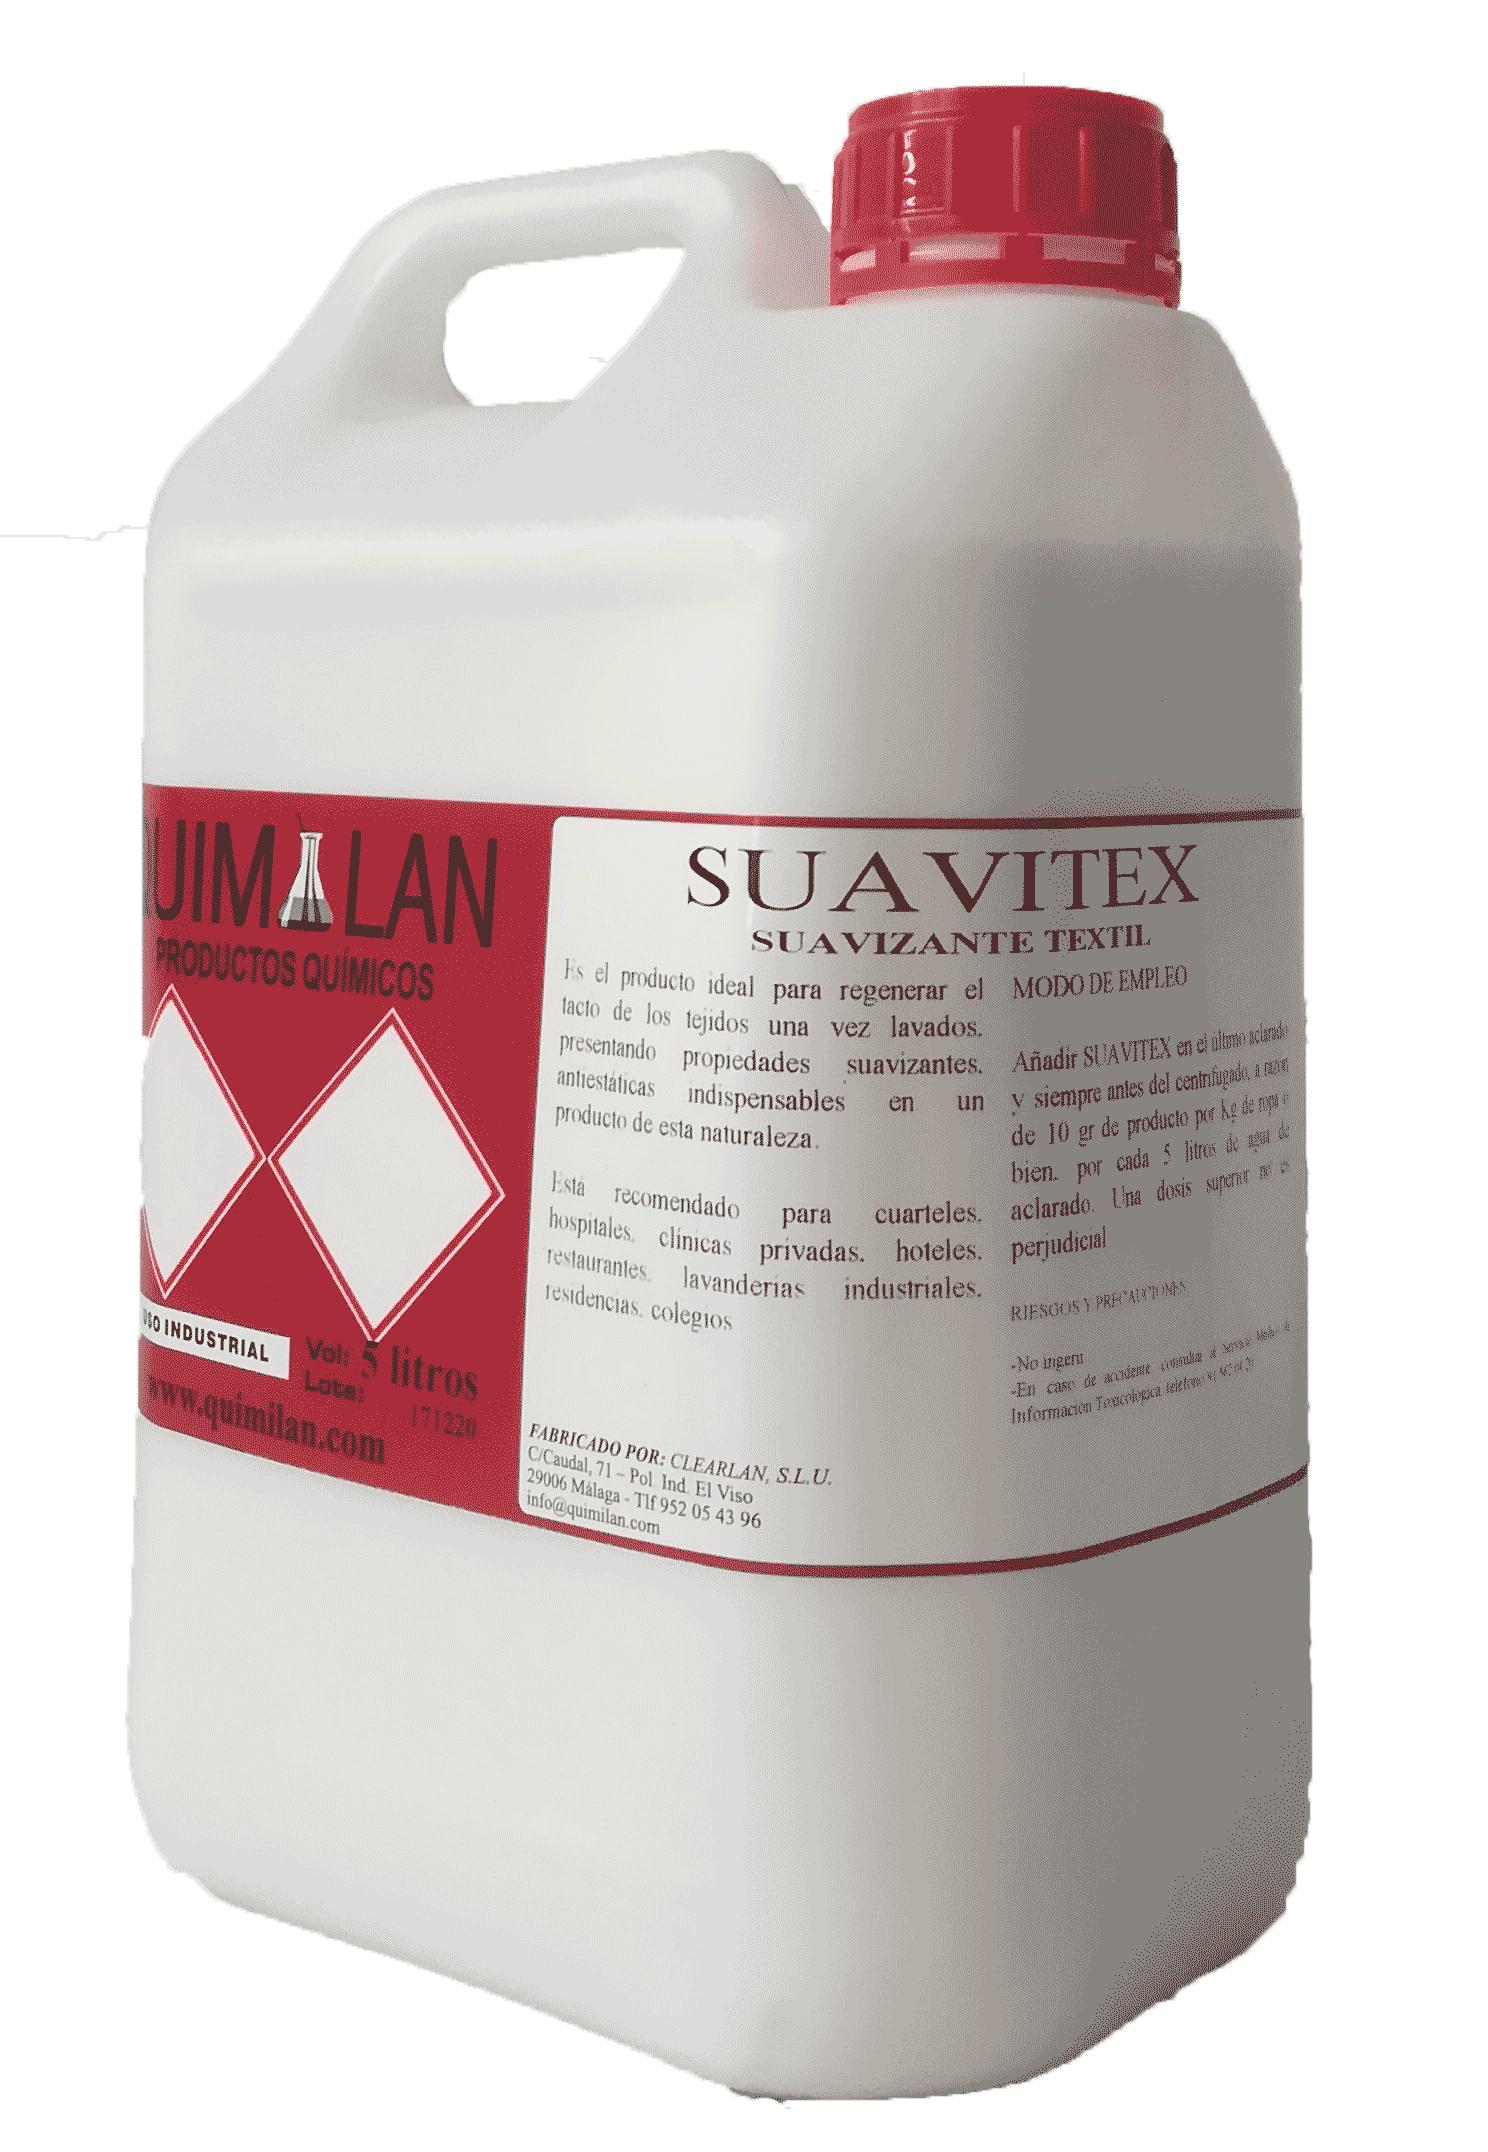 Suavitex Productos Quimicos en Malaga Quimilan